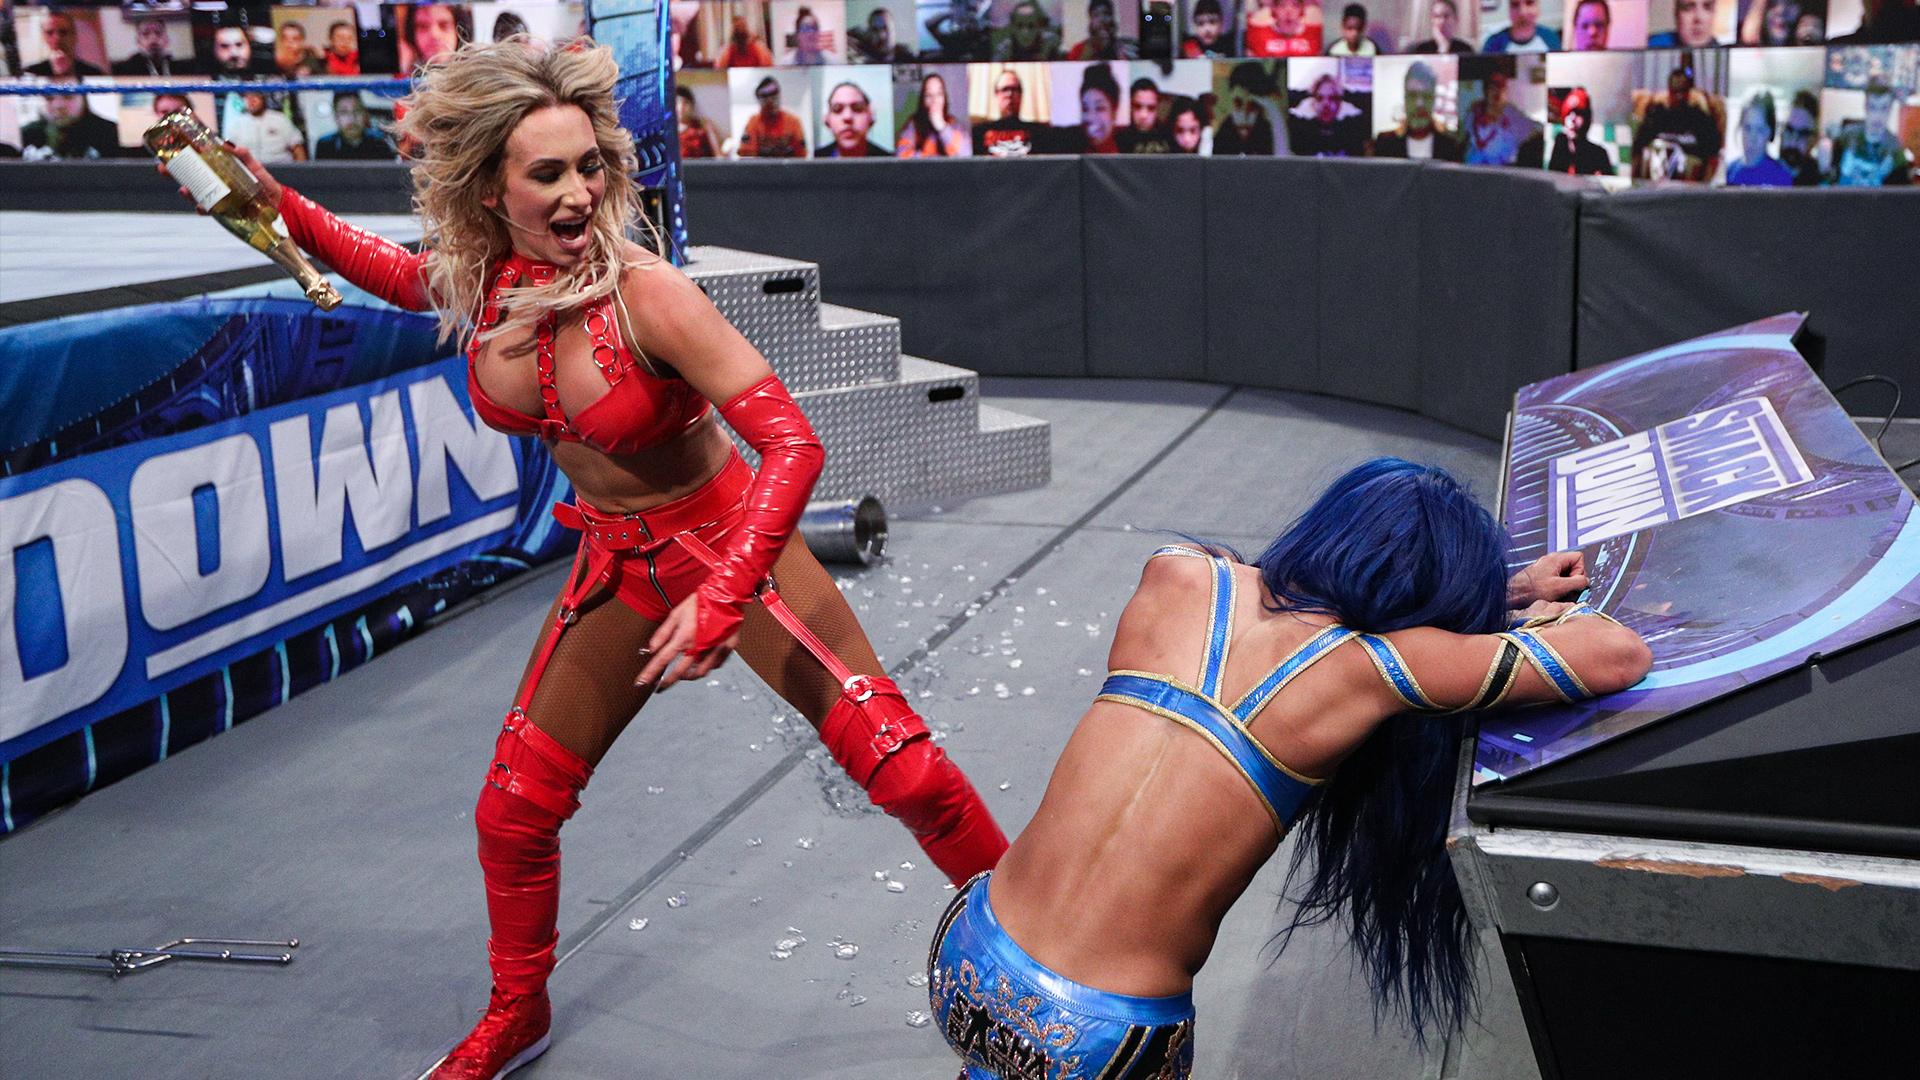 Audiência do SmackDown sofre queda mesmo com combate entre Sasha Banks e Carmella